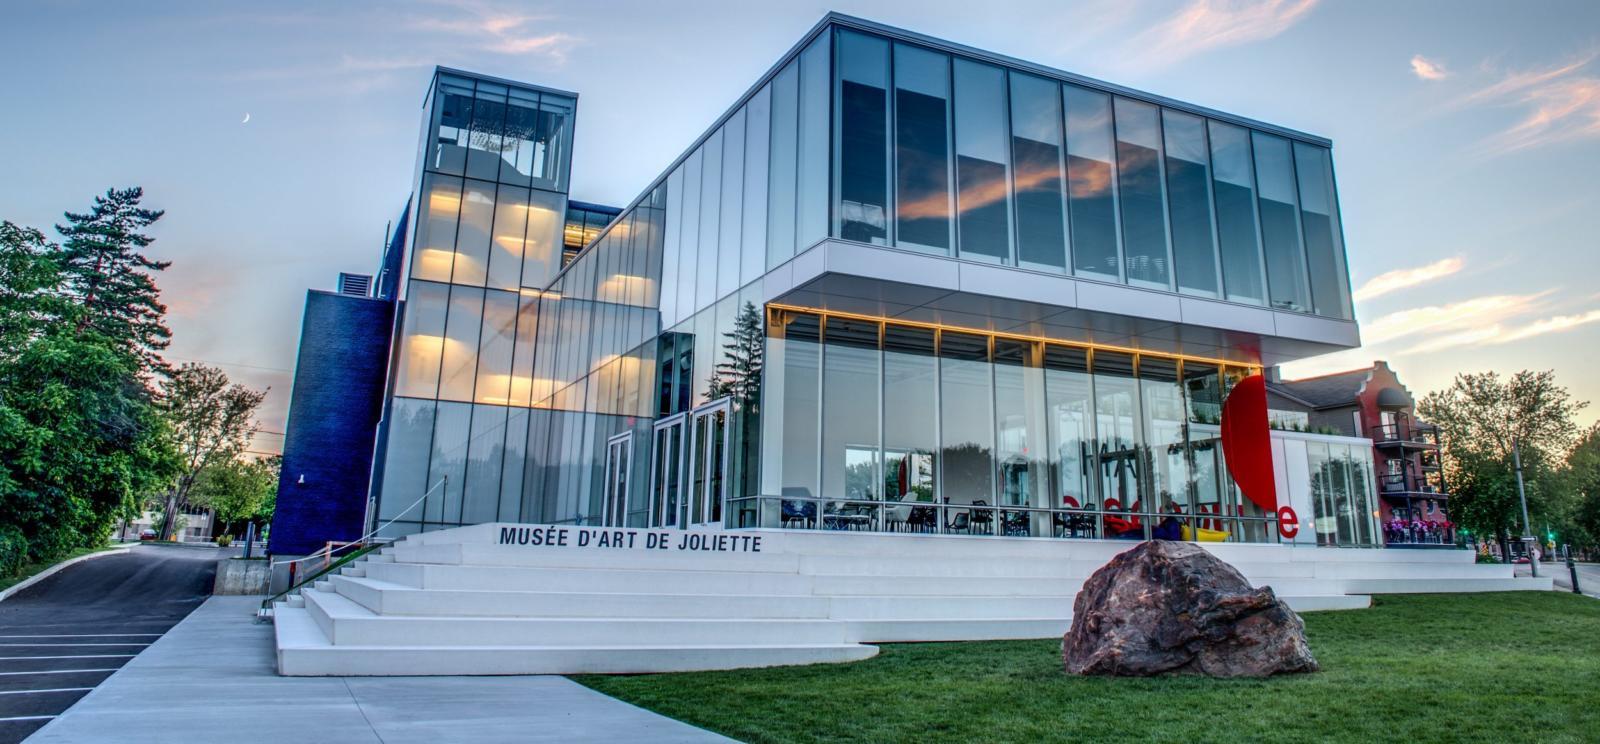 Musée de Joliette